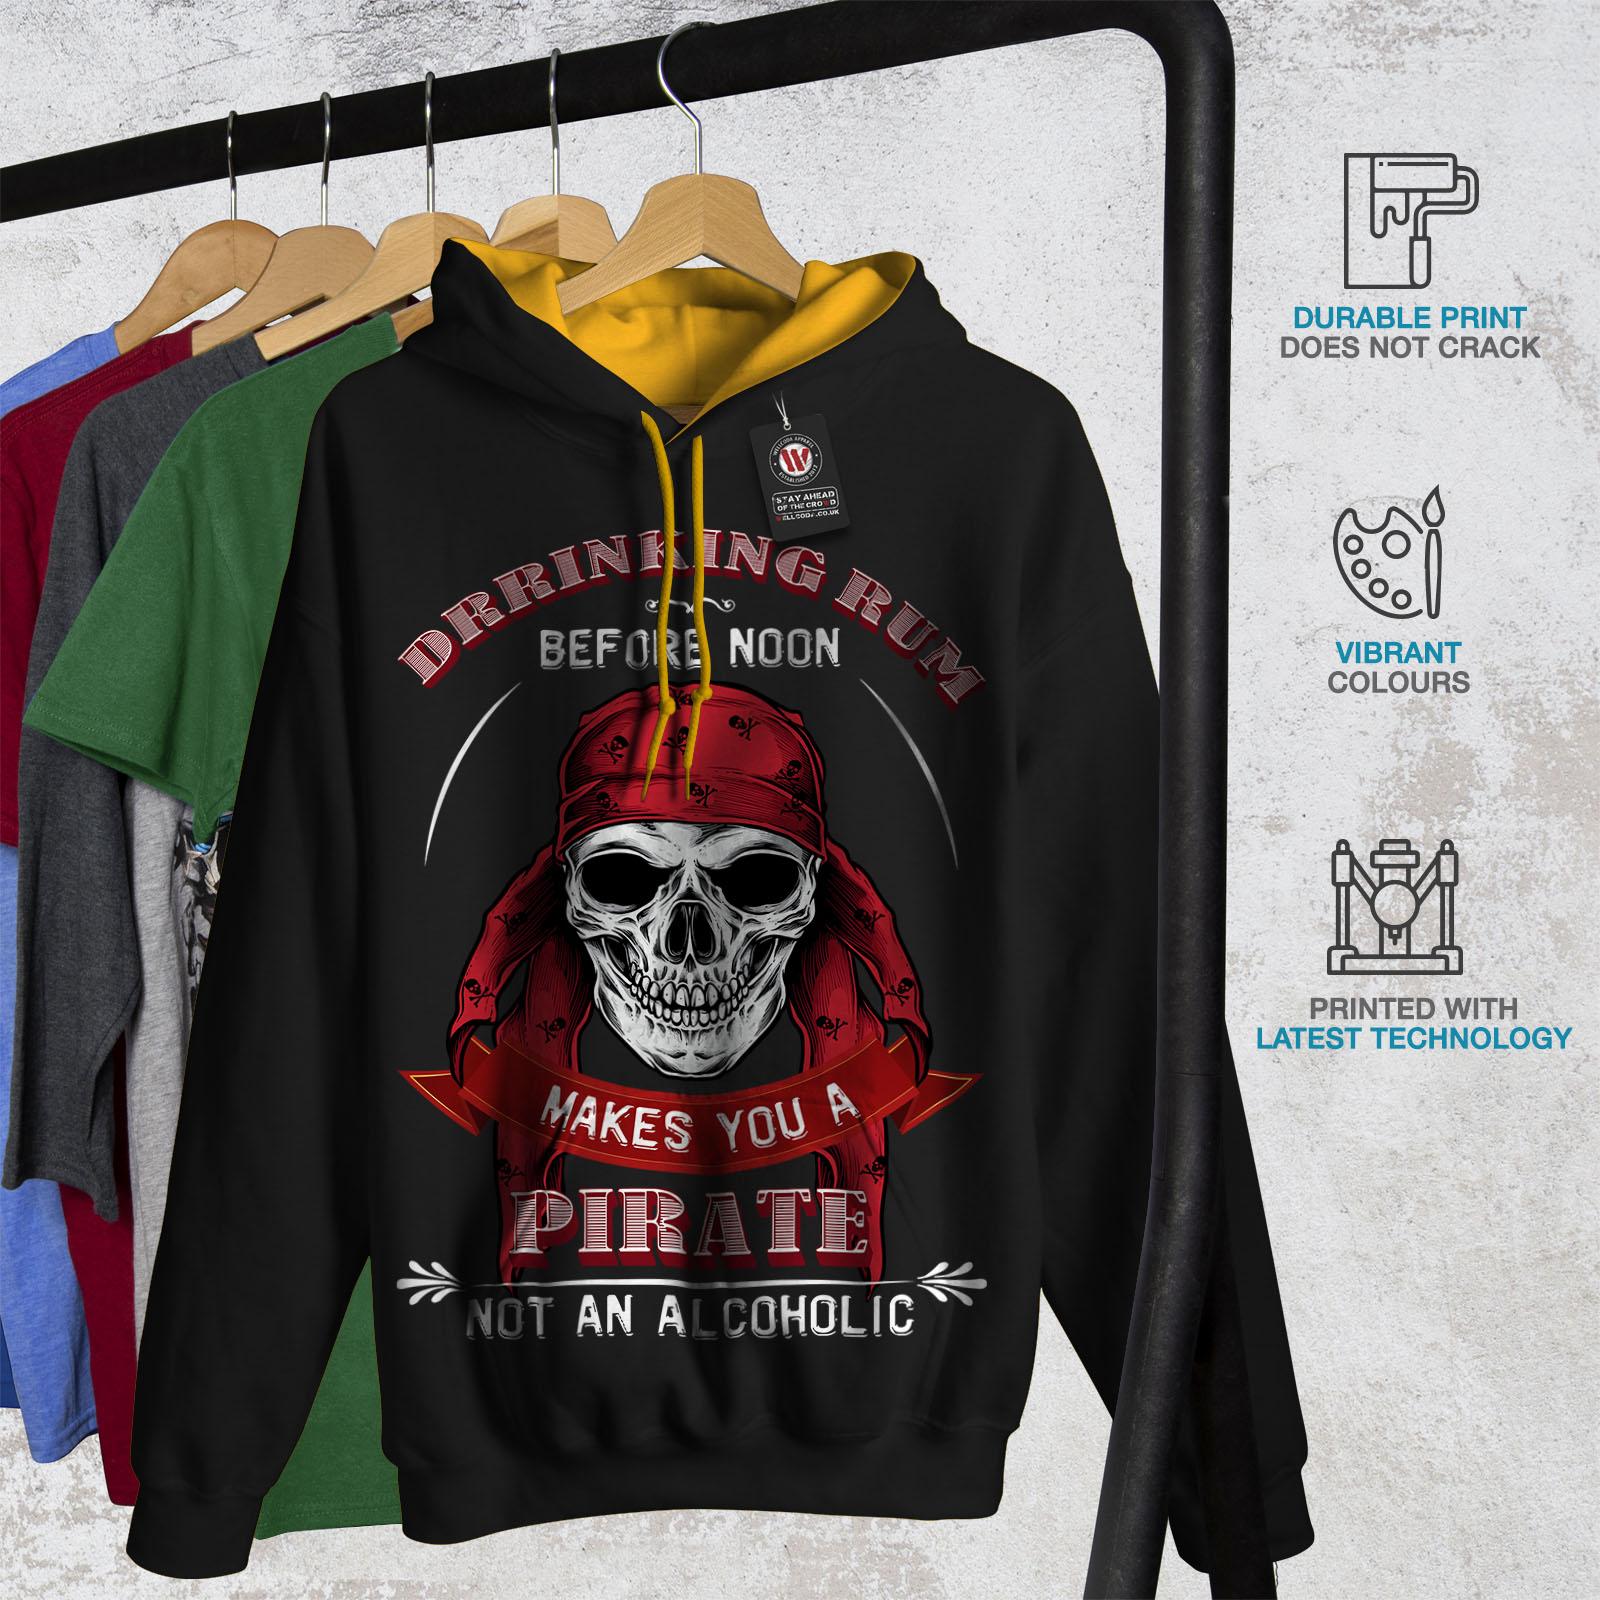 cappuccio Skull Uomo Wellcoda contrasto Rum Pirate cappuccio con Nero Jumper oro Casual Bere a 7wqxRq54t